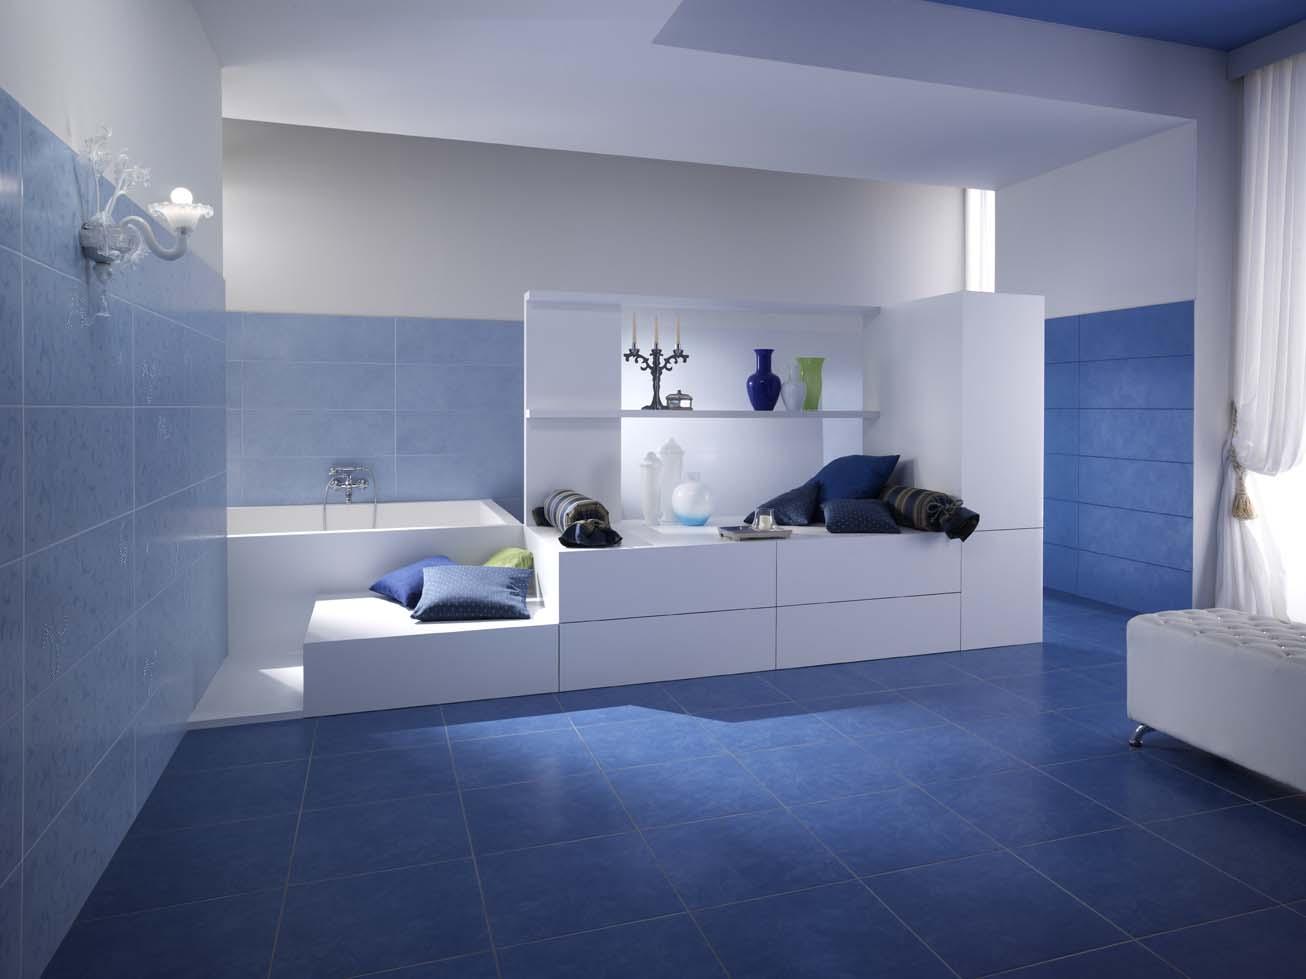 Accessori Da Bagno Con Swarovski : Accessori da bagno di lusso. assez bagno design arredamento bagno di